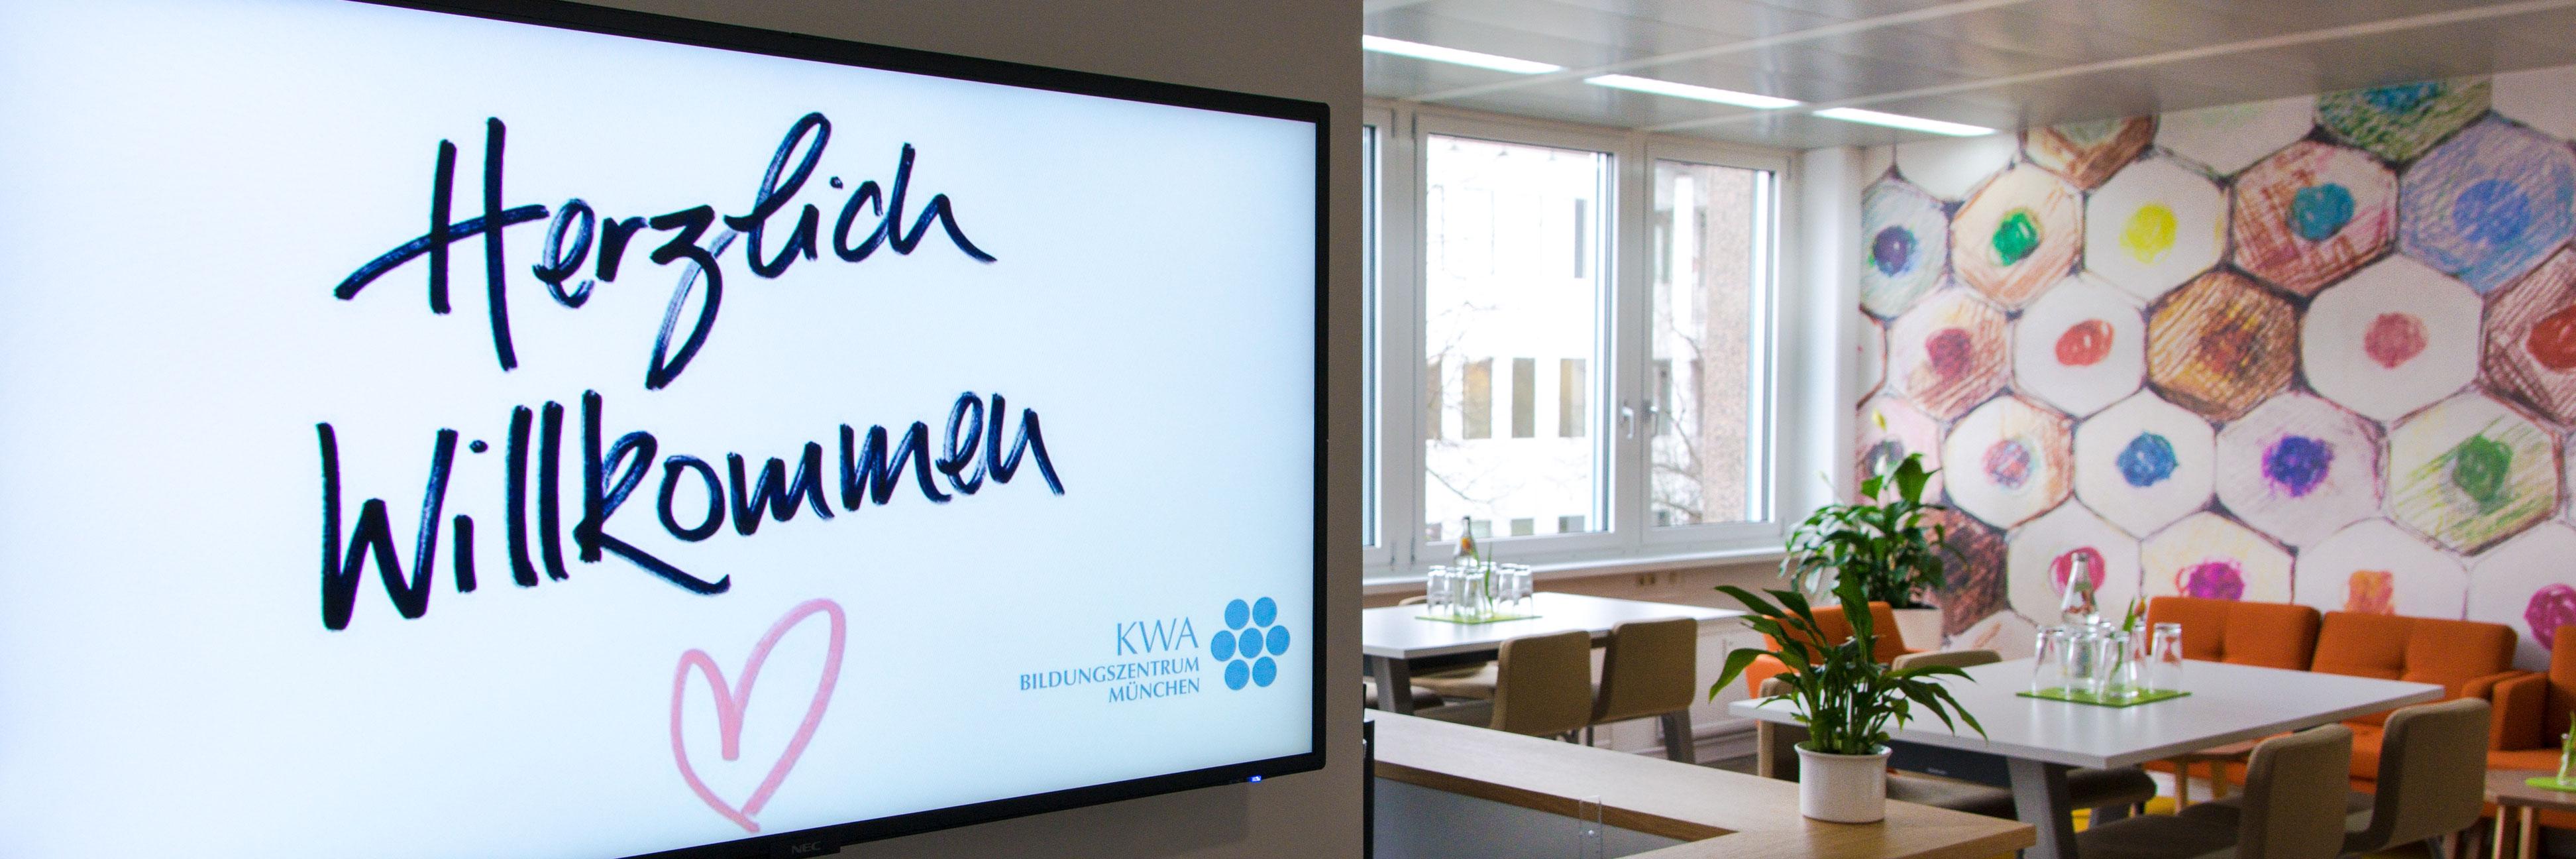 KWA Bildungszentrum München